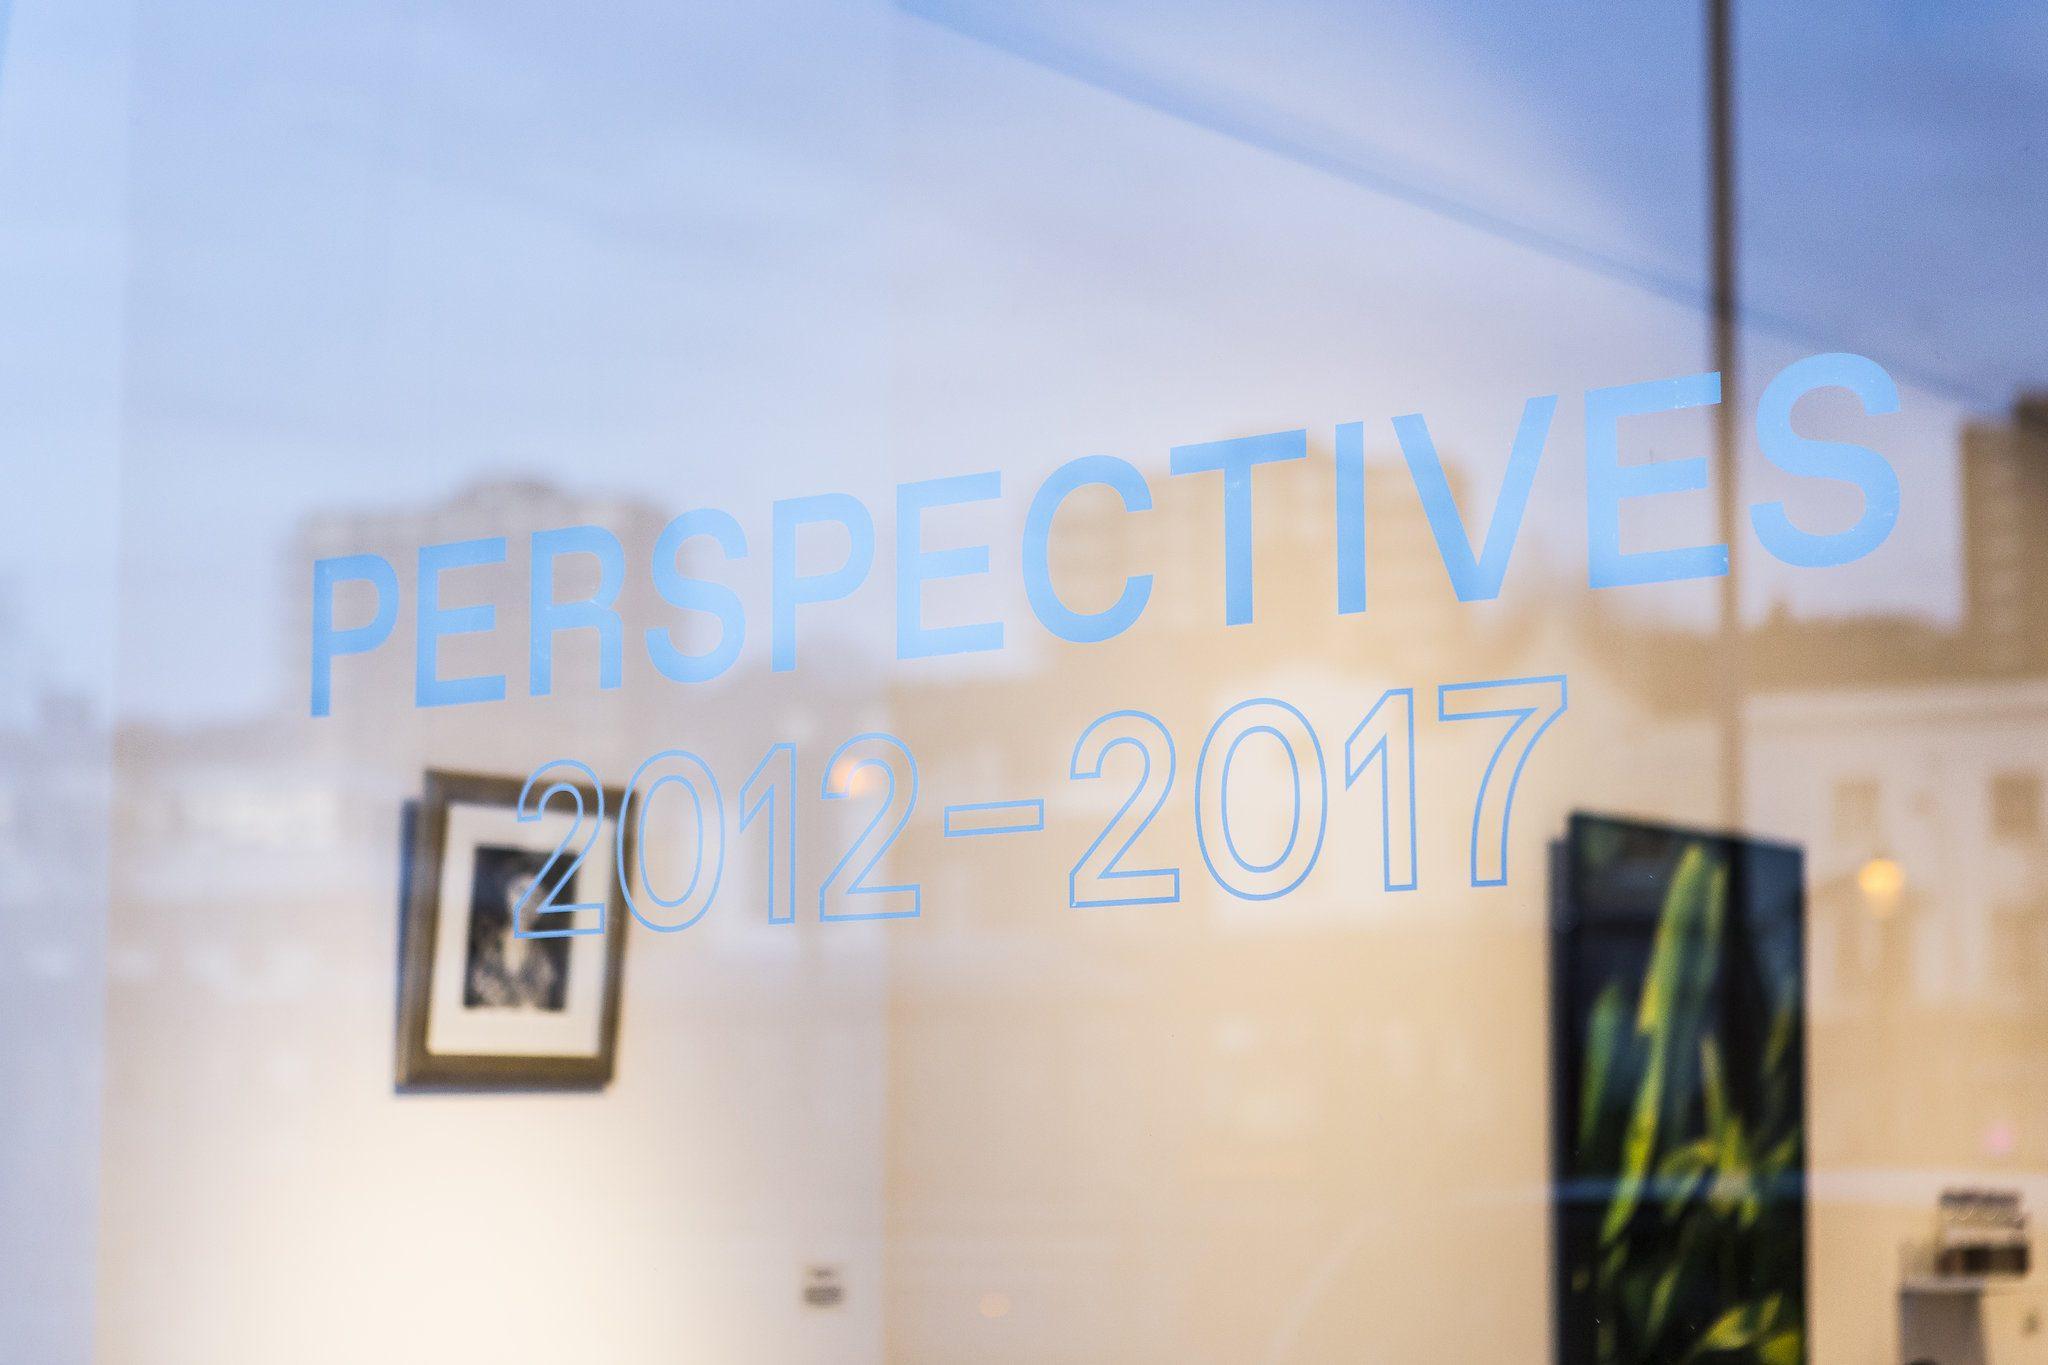 Perspectives Debbie Bragg